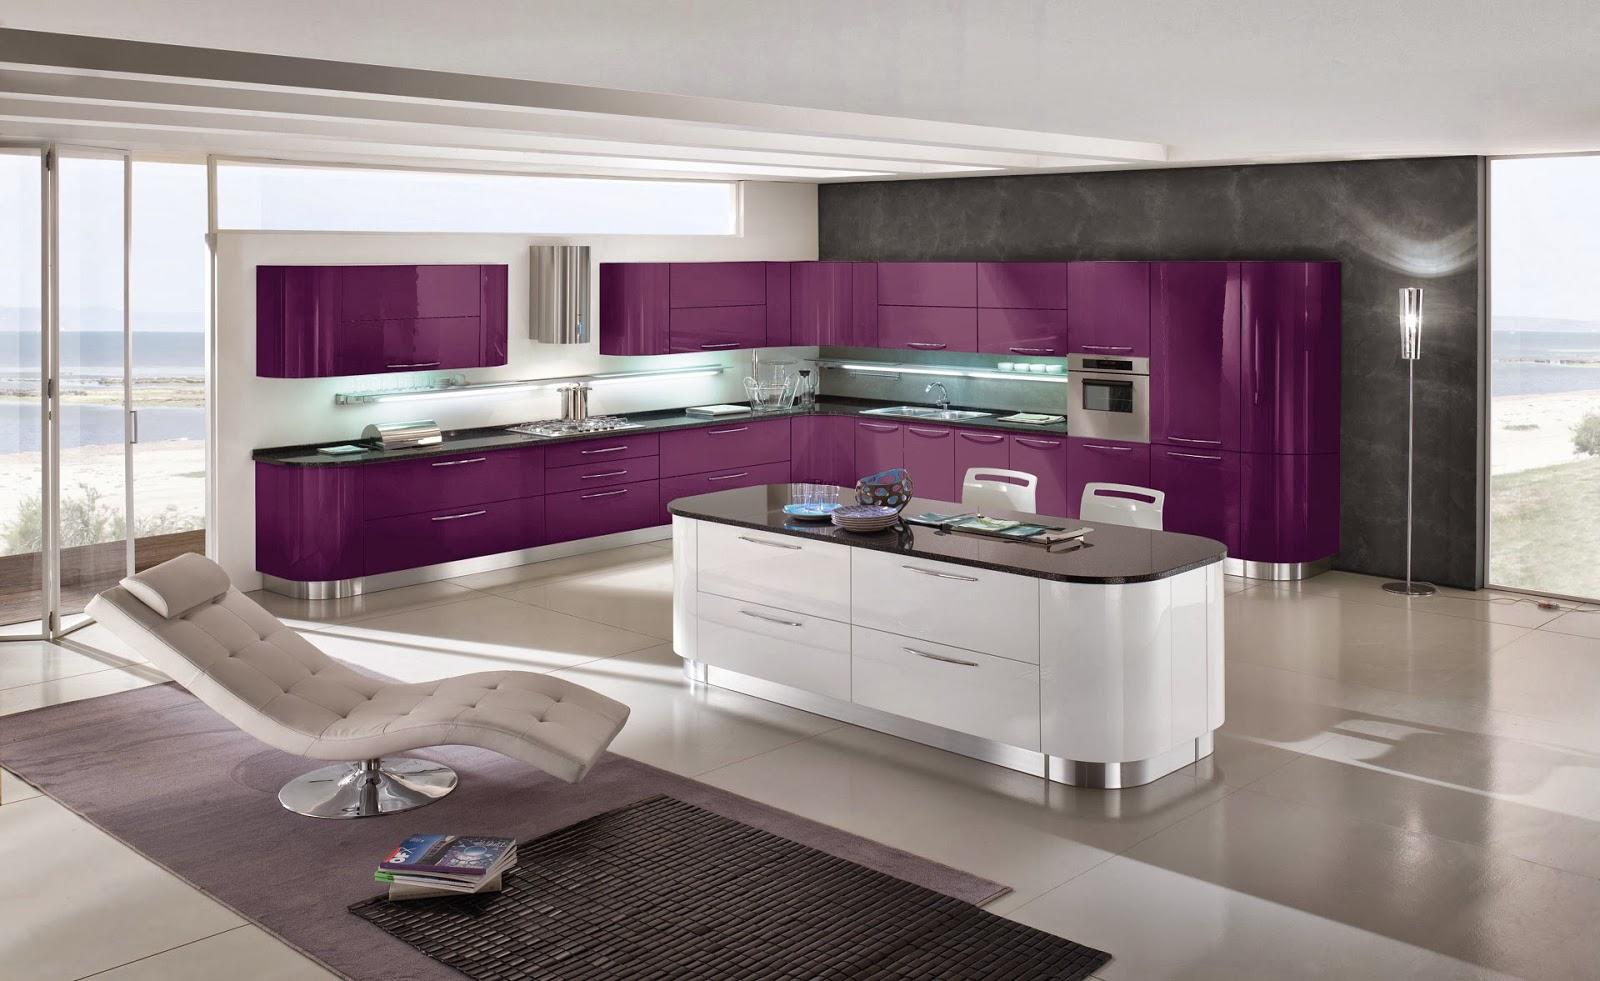 Centro Cucine Napoli: Cucine Napoli Moderne